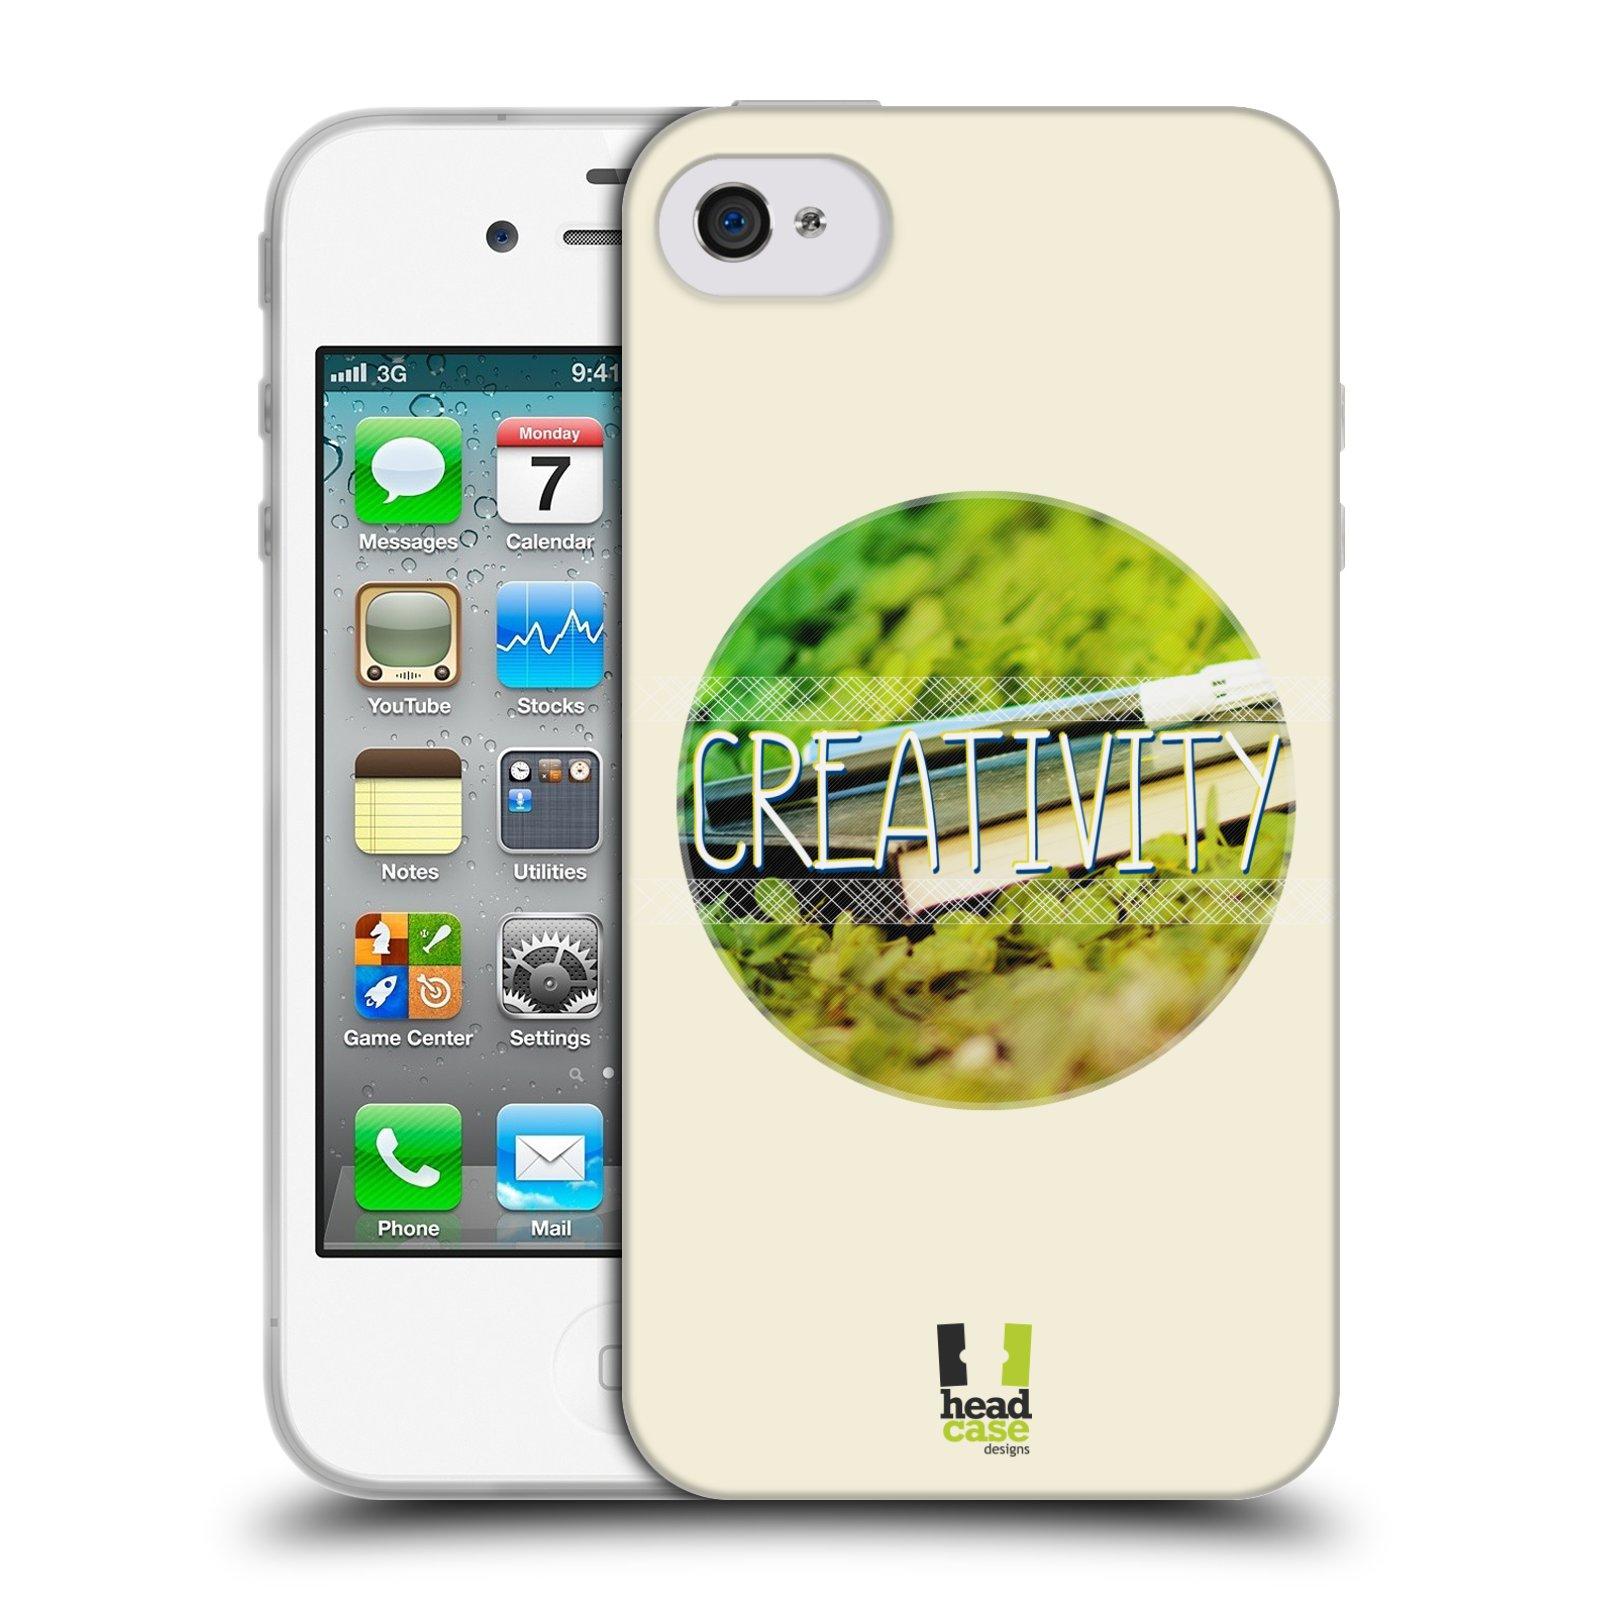 Silikonové pouzdro na mobil Apple iPhone 4 a 4S HEAD CASE INSPIRACE V KRUHU KREATIVITA (Silikonový kryt či obal na mobilní telefon Apple iPhone 4 a 4S)